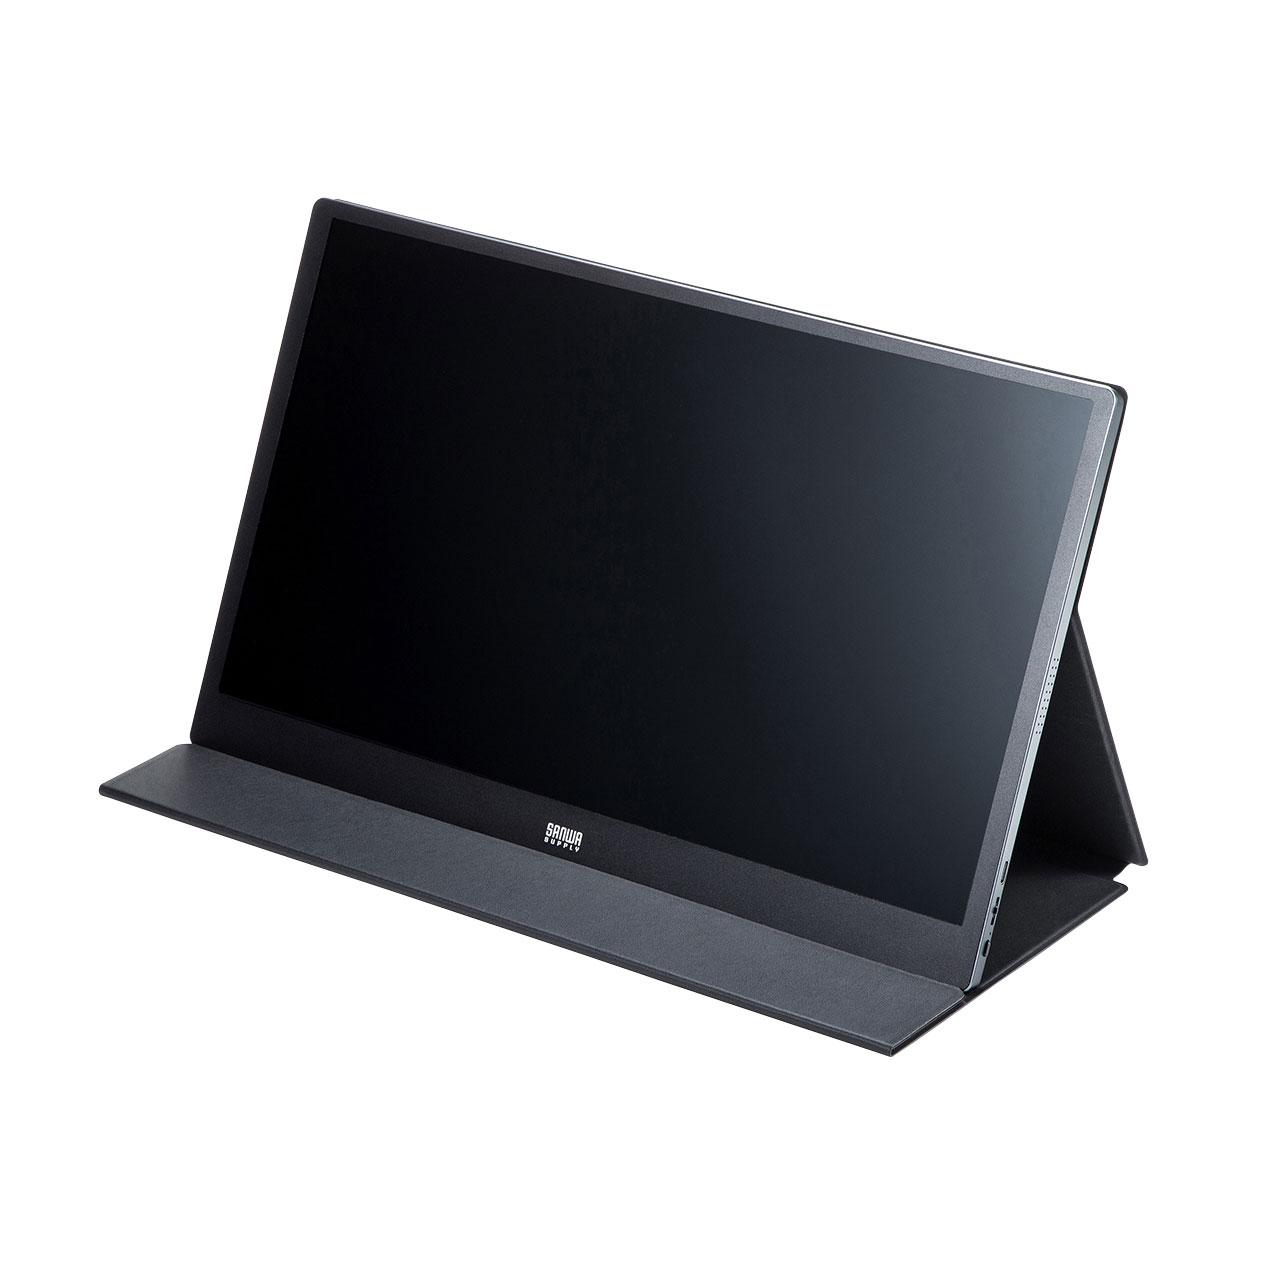 持ち運び可能サイズでフルHD解像度のディスプレイ「DP-03」を発売